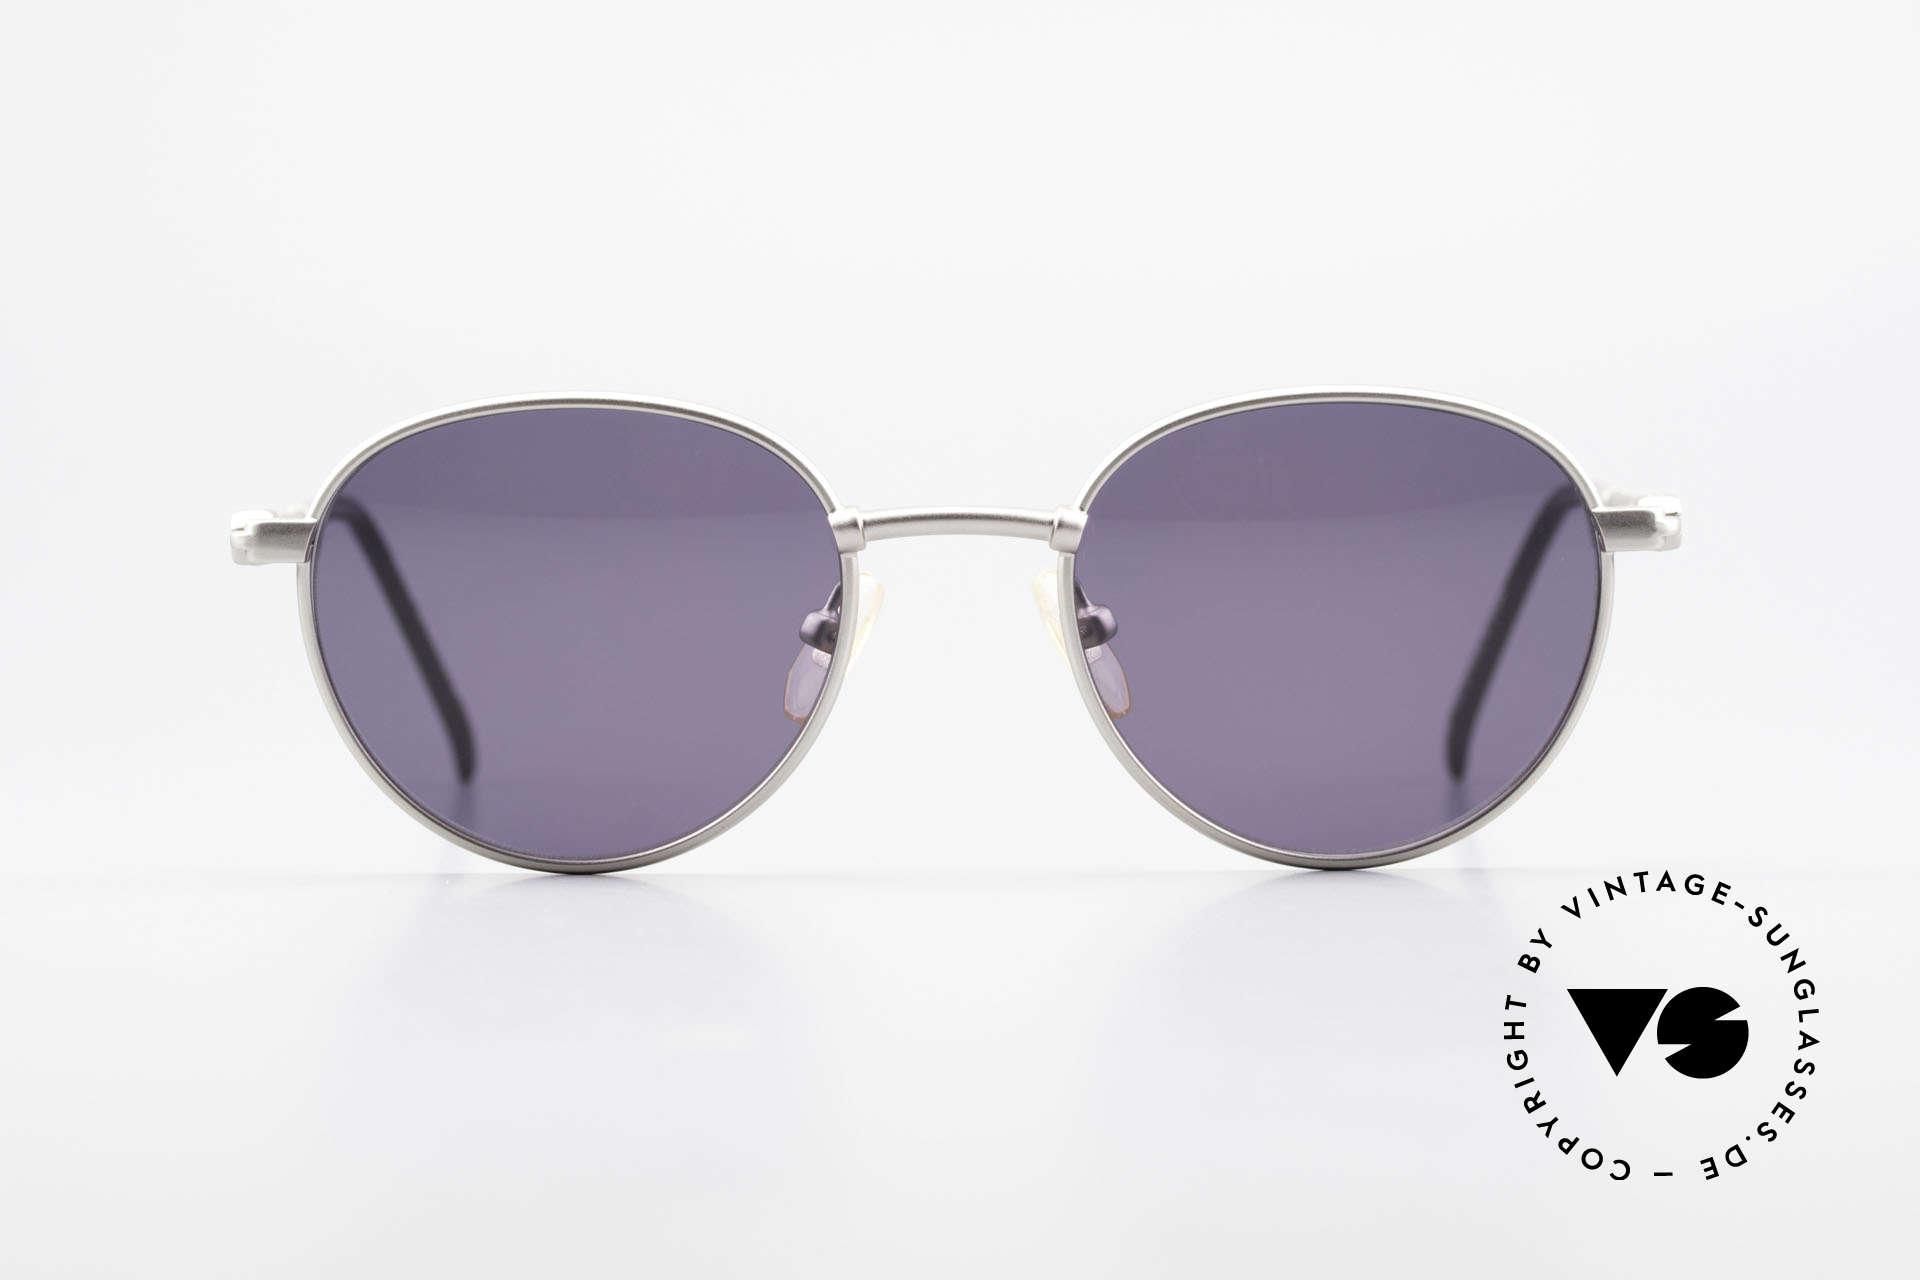 Yohji Yamamoto 52-4102 Panto Designer Sonnenbrille, eher ein schlichtes Design aus dem Hause Yamamoto, Passend für Herren und Damen